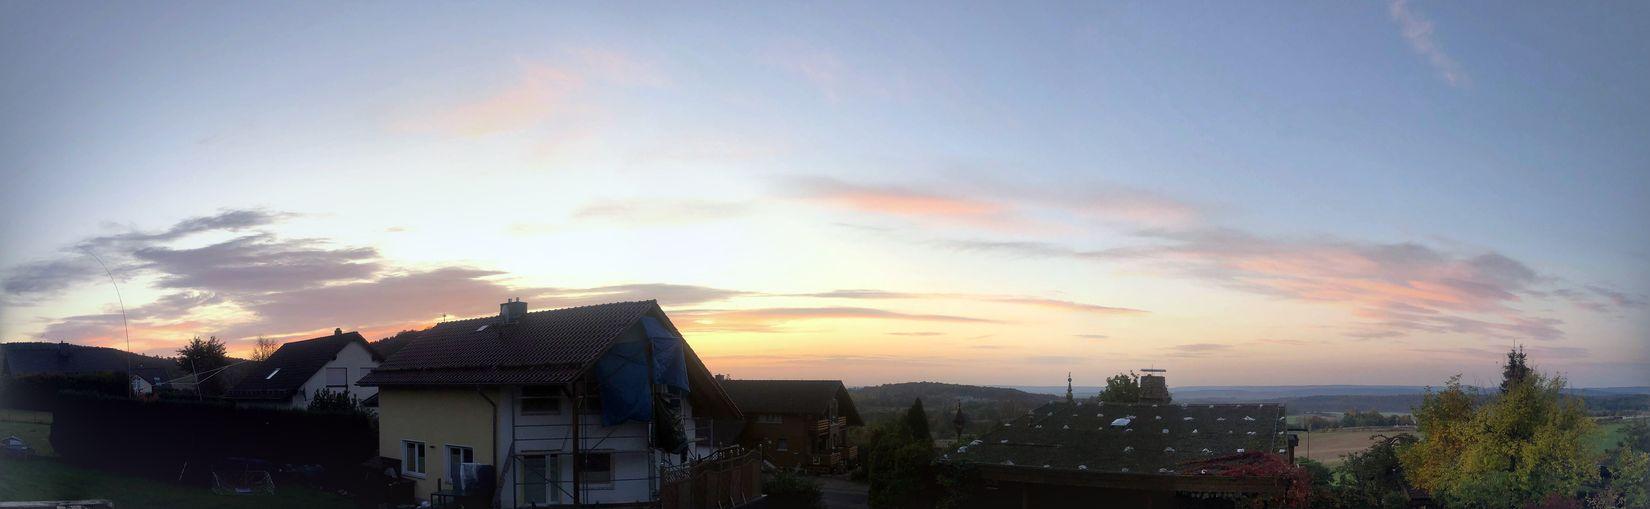 Blick am Morgen